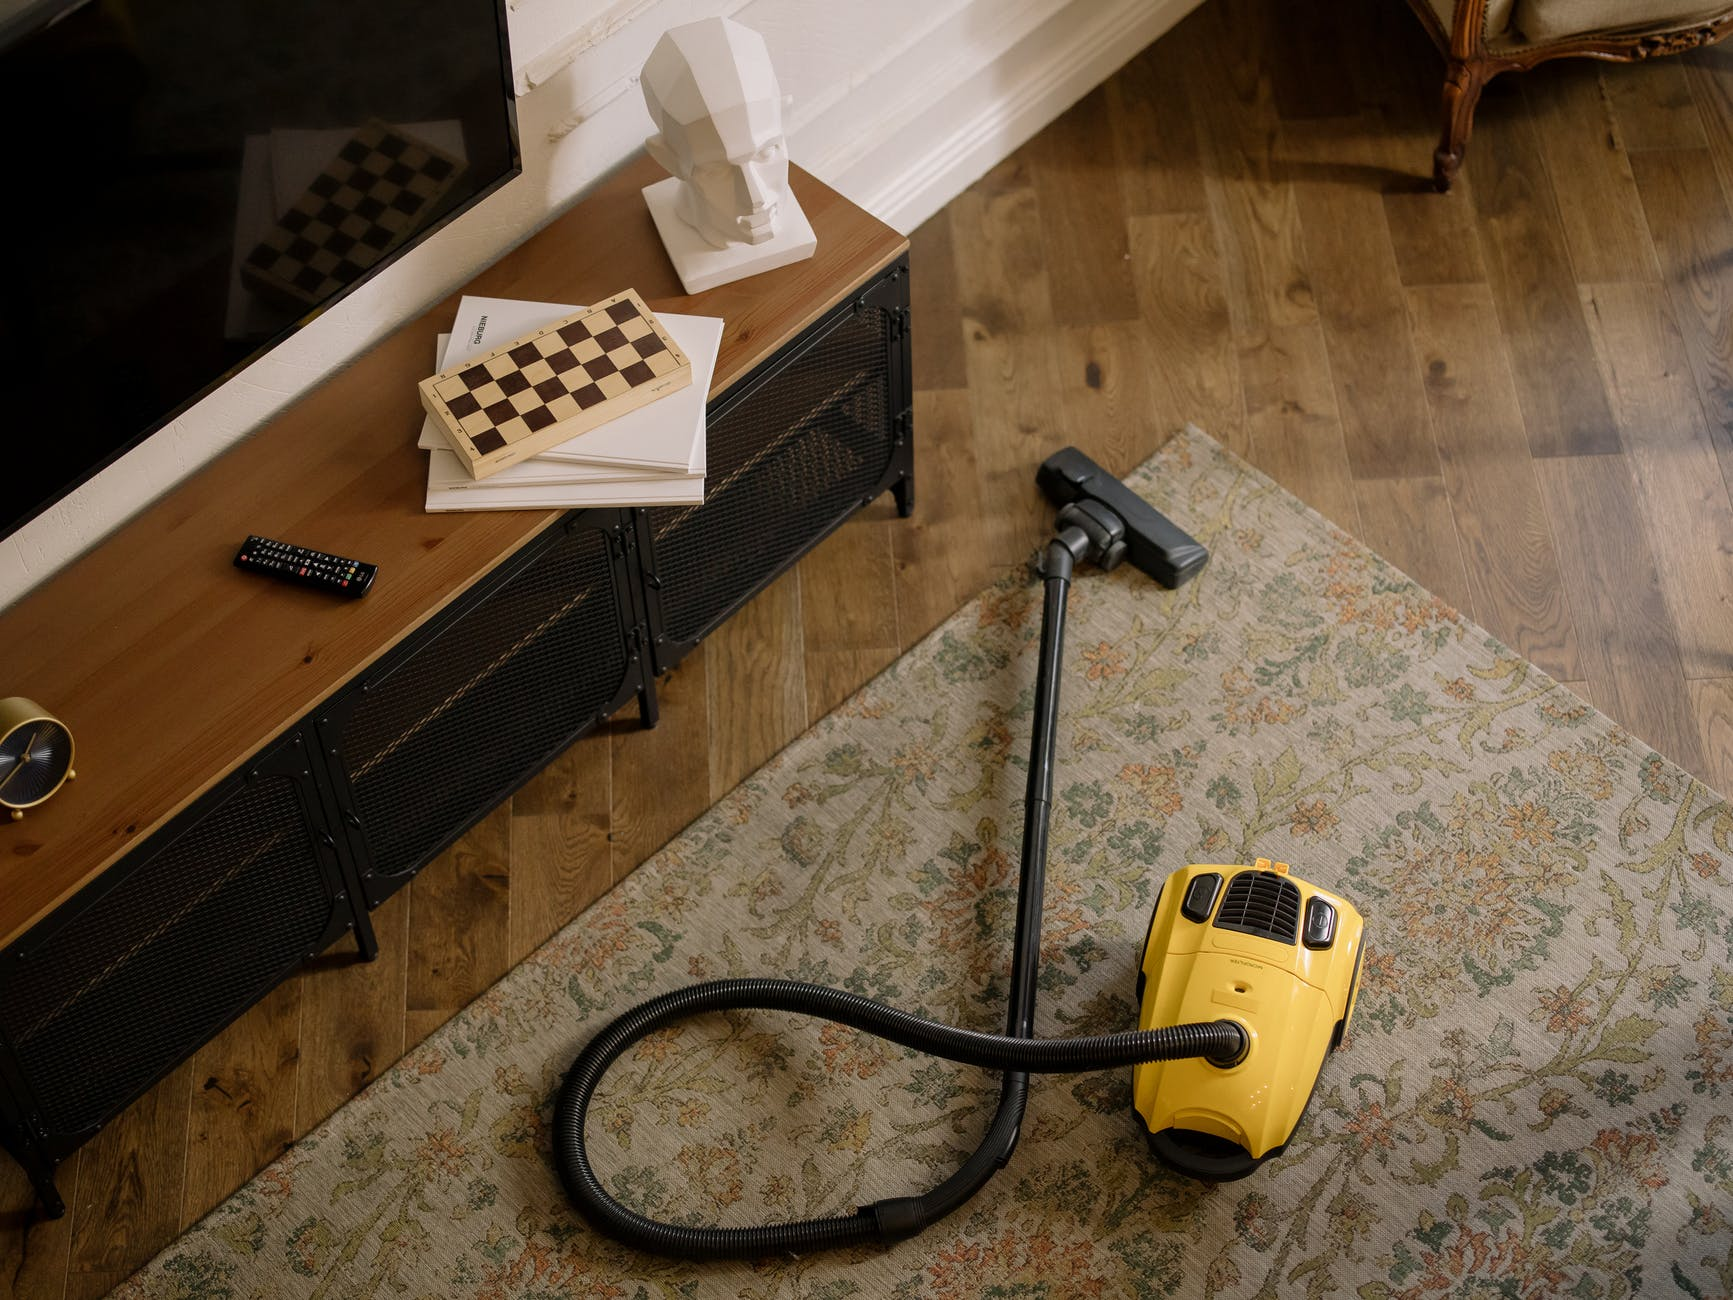 Чистка ковров в домашних условиях – эффективные домашние средства для чистки ковров